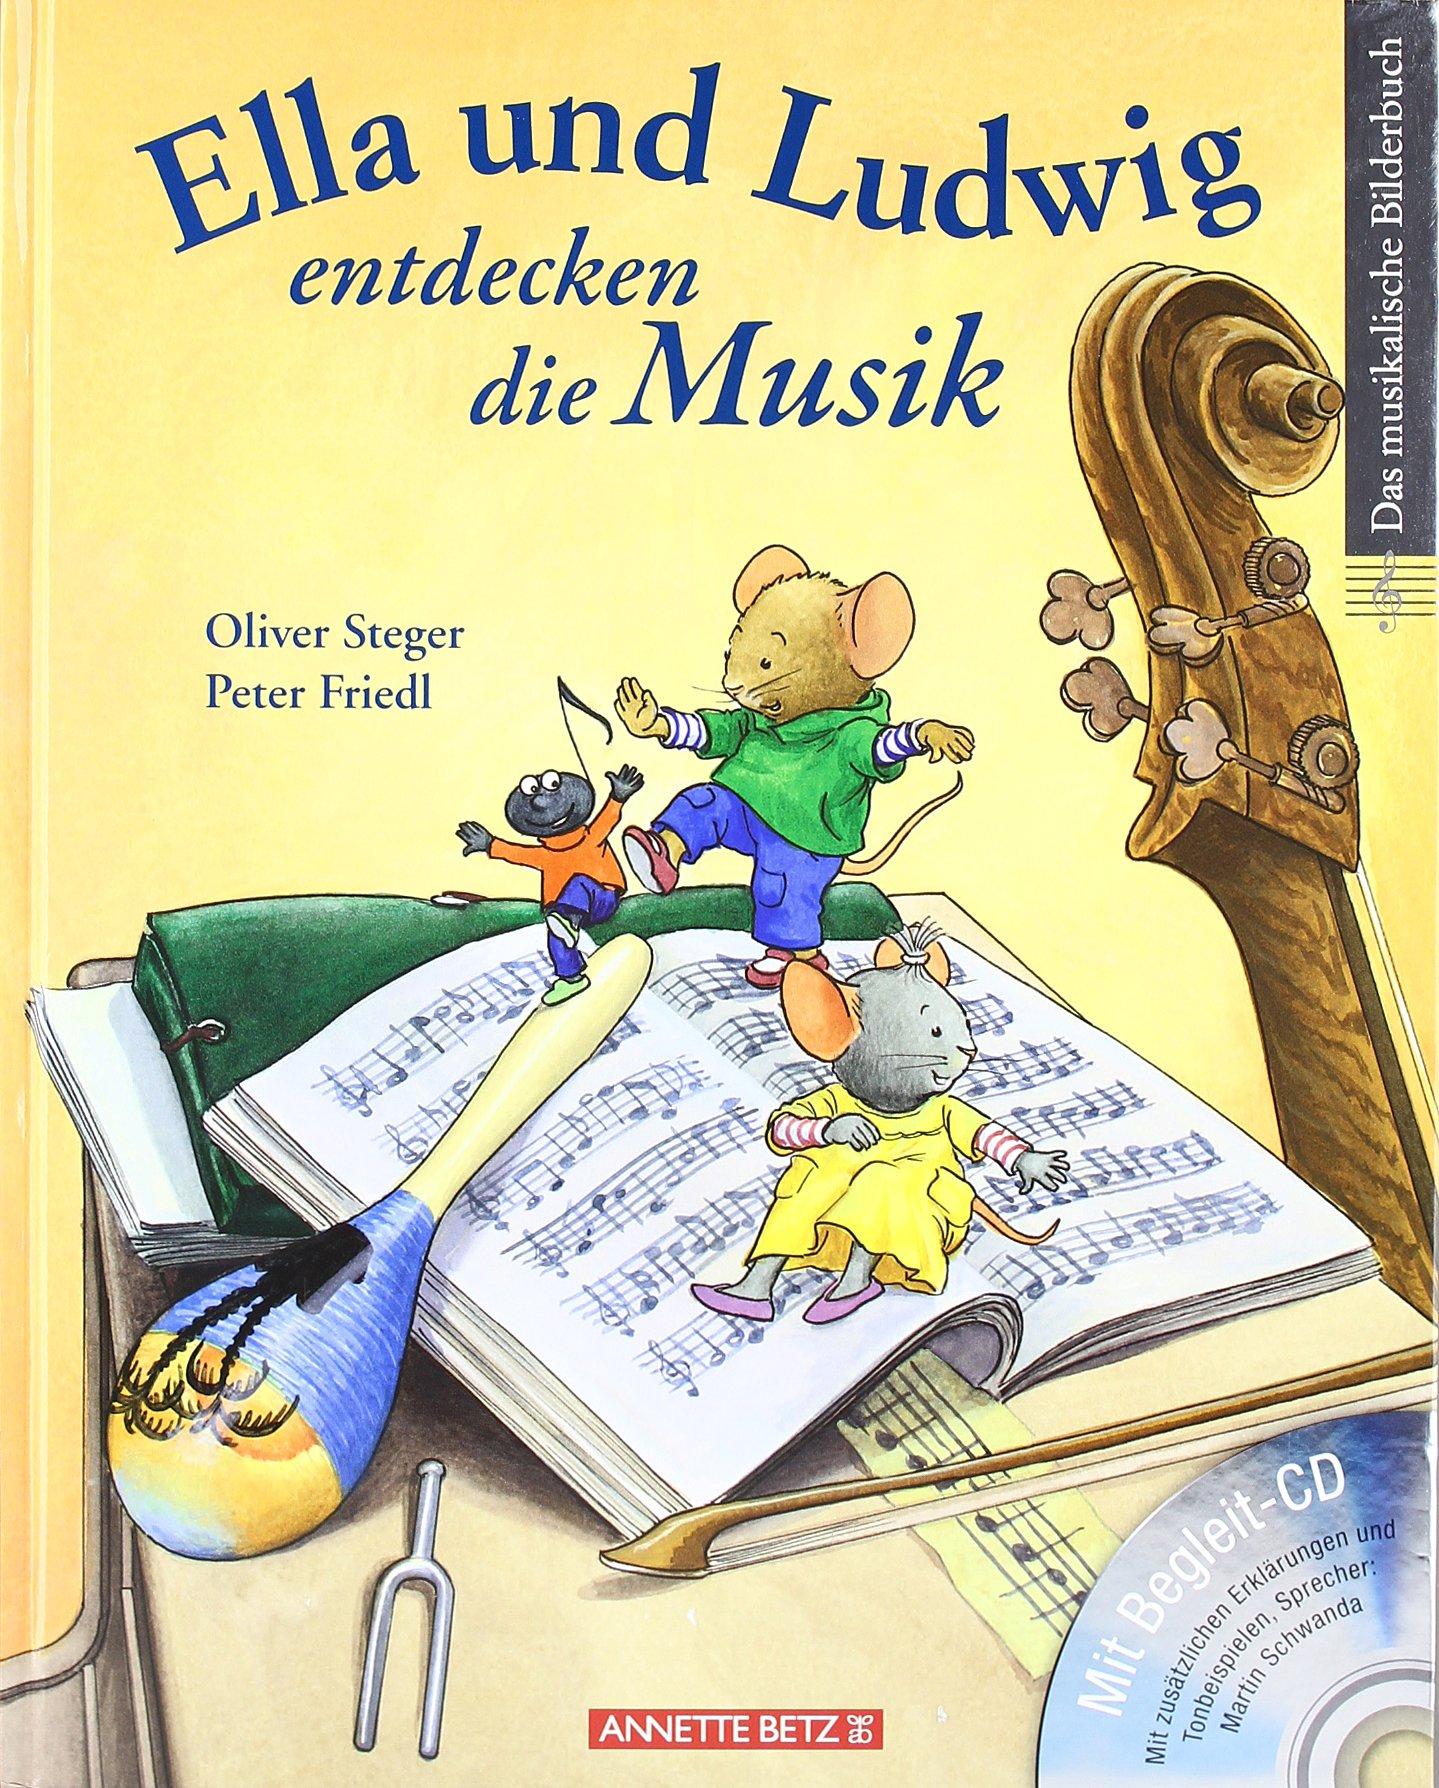 Ella und Ludwig entdecken die Musik (mit CD): Noten, Rhythmus, Melodien